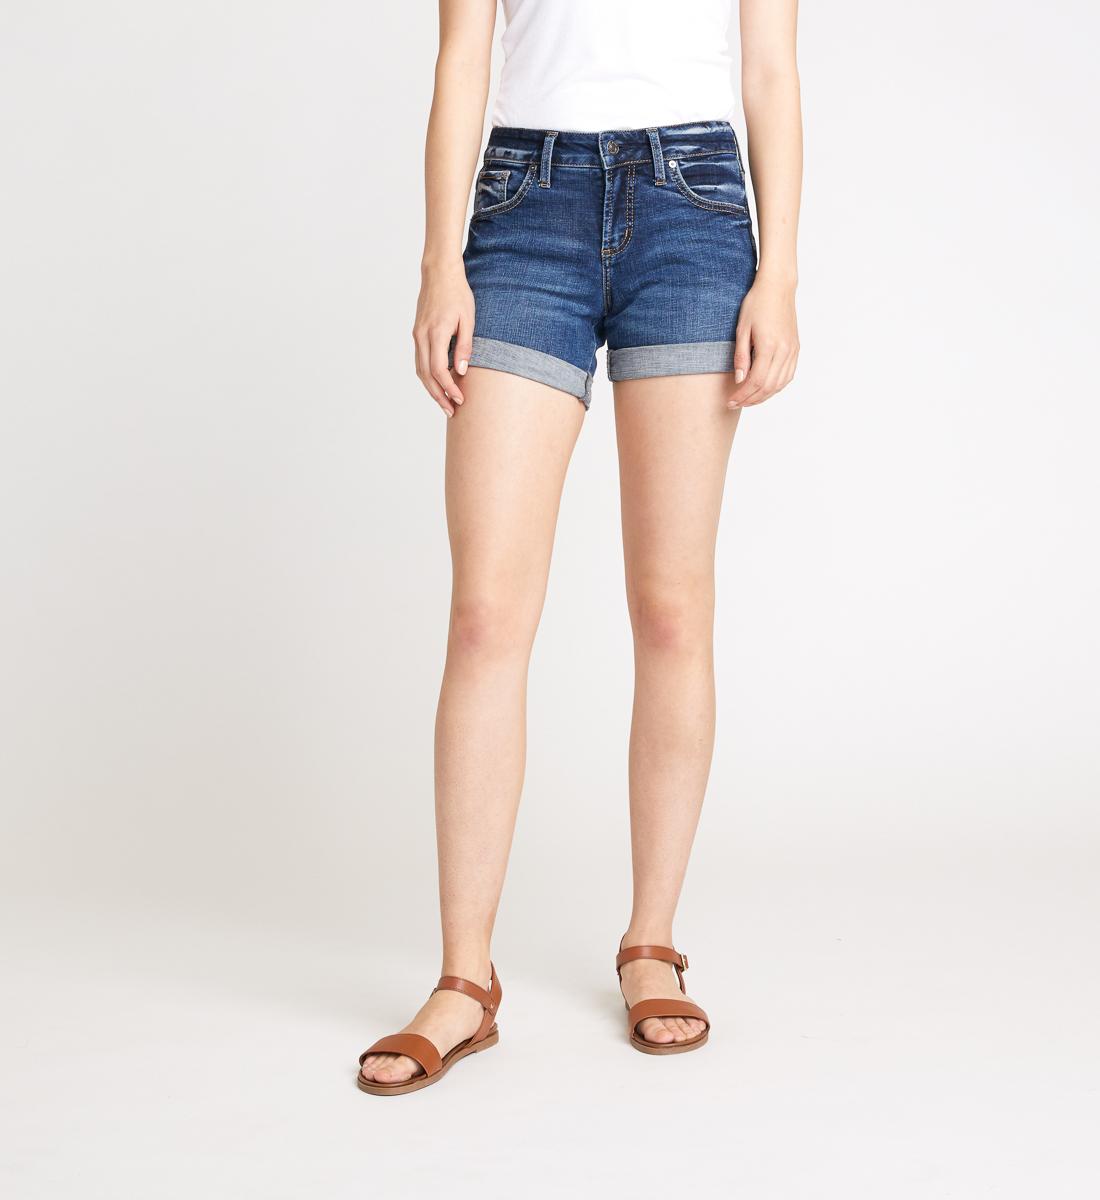 Silver Jeans Boyfriend Short